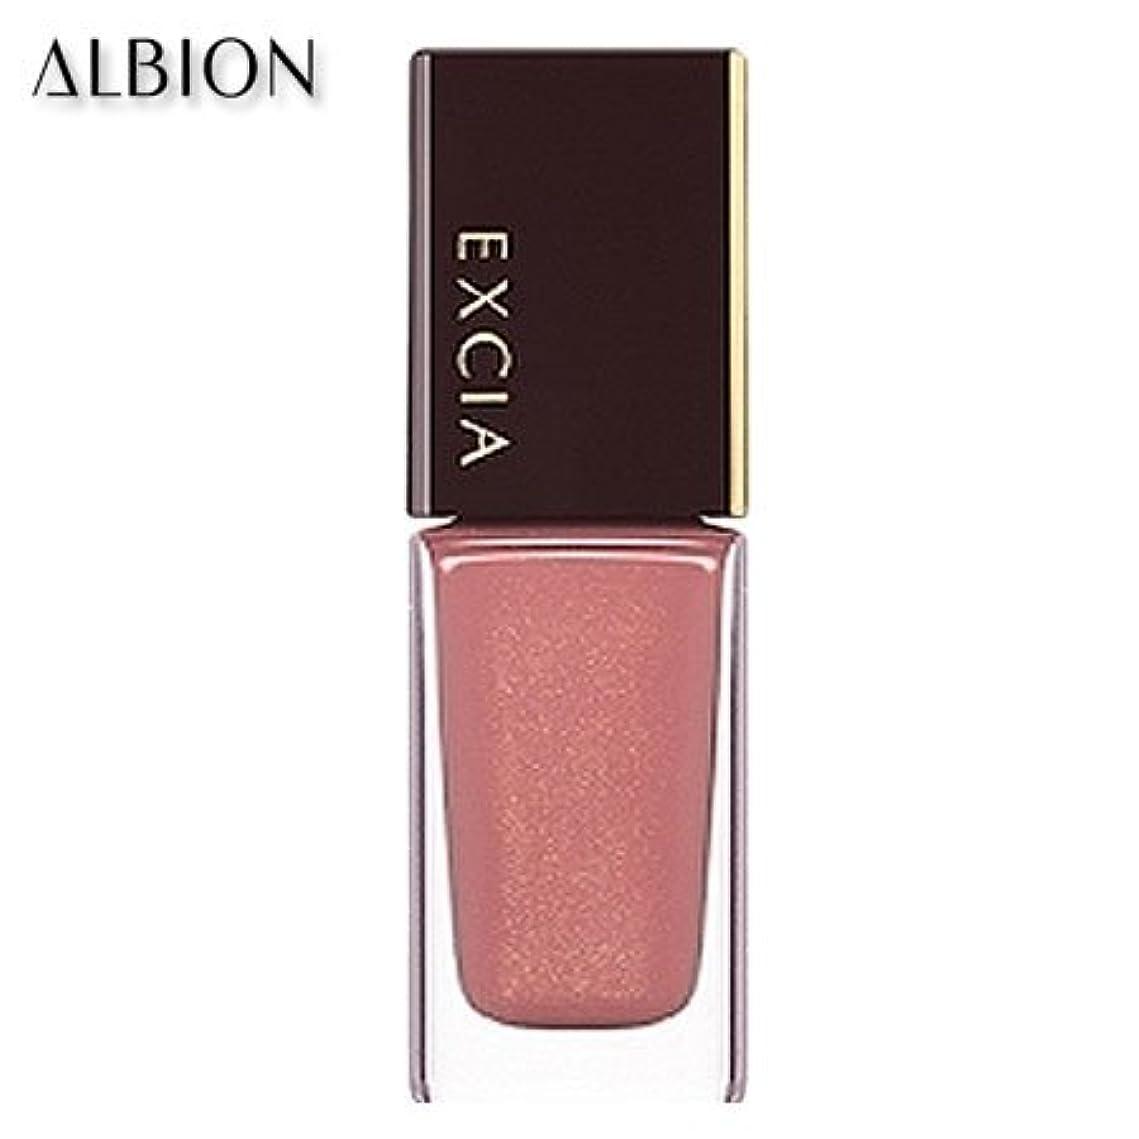 閉塞母音ダムアルビオン エクシア AL ネイルカラー S 11色 -ALBION- 12